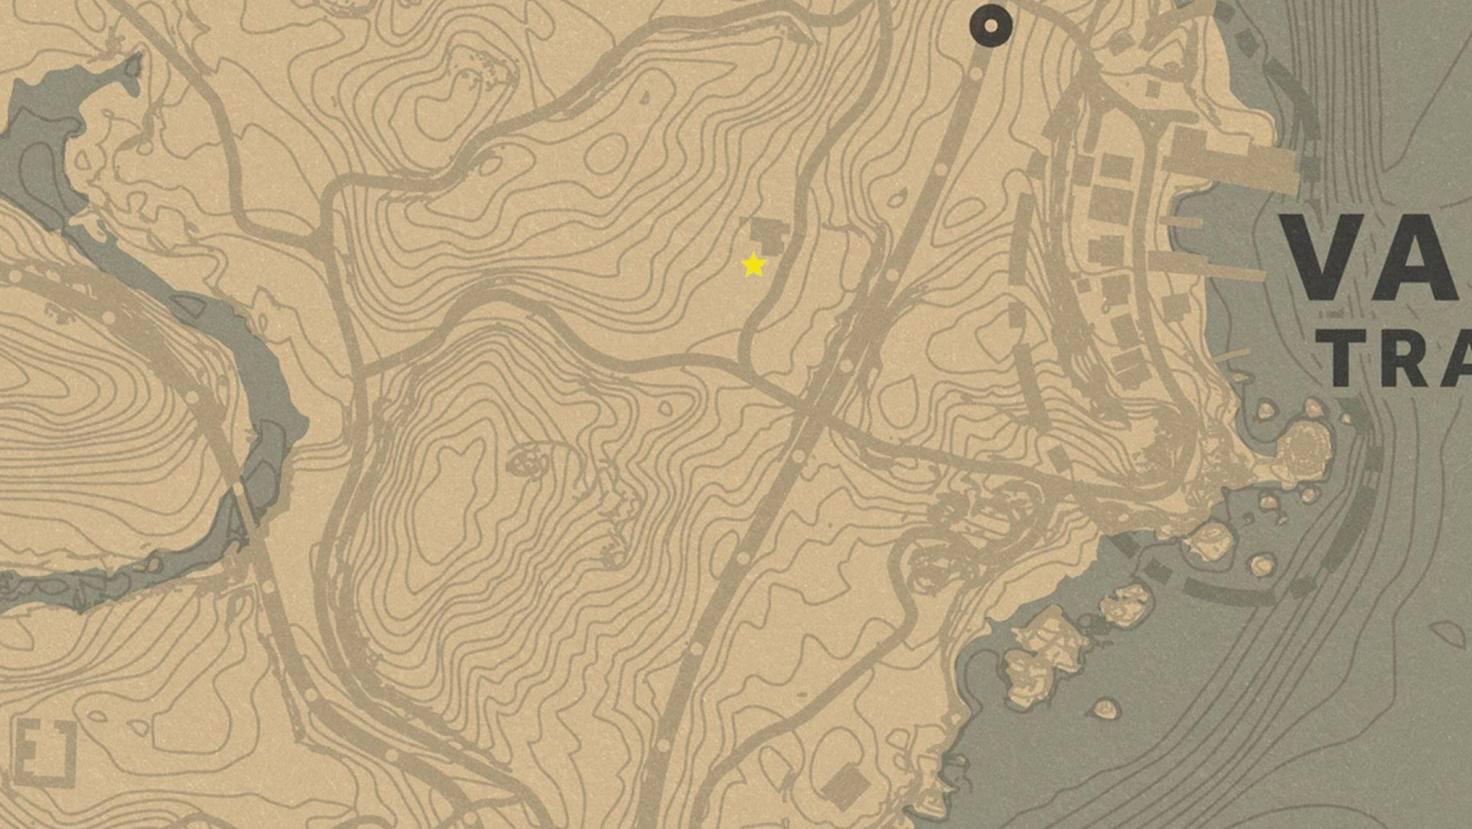 Das Haus, in dem dieses schändliche Experiment stattgefunden hat, befindet sich westlich von Van Horn.